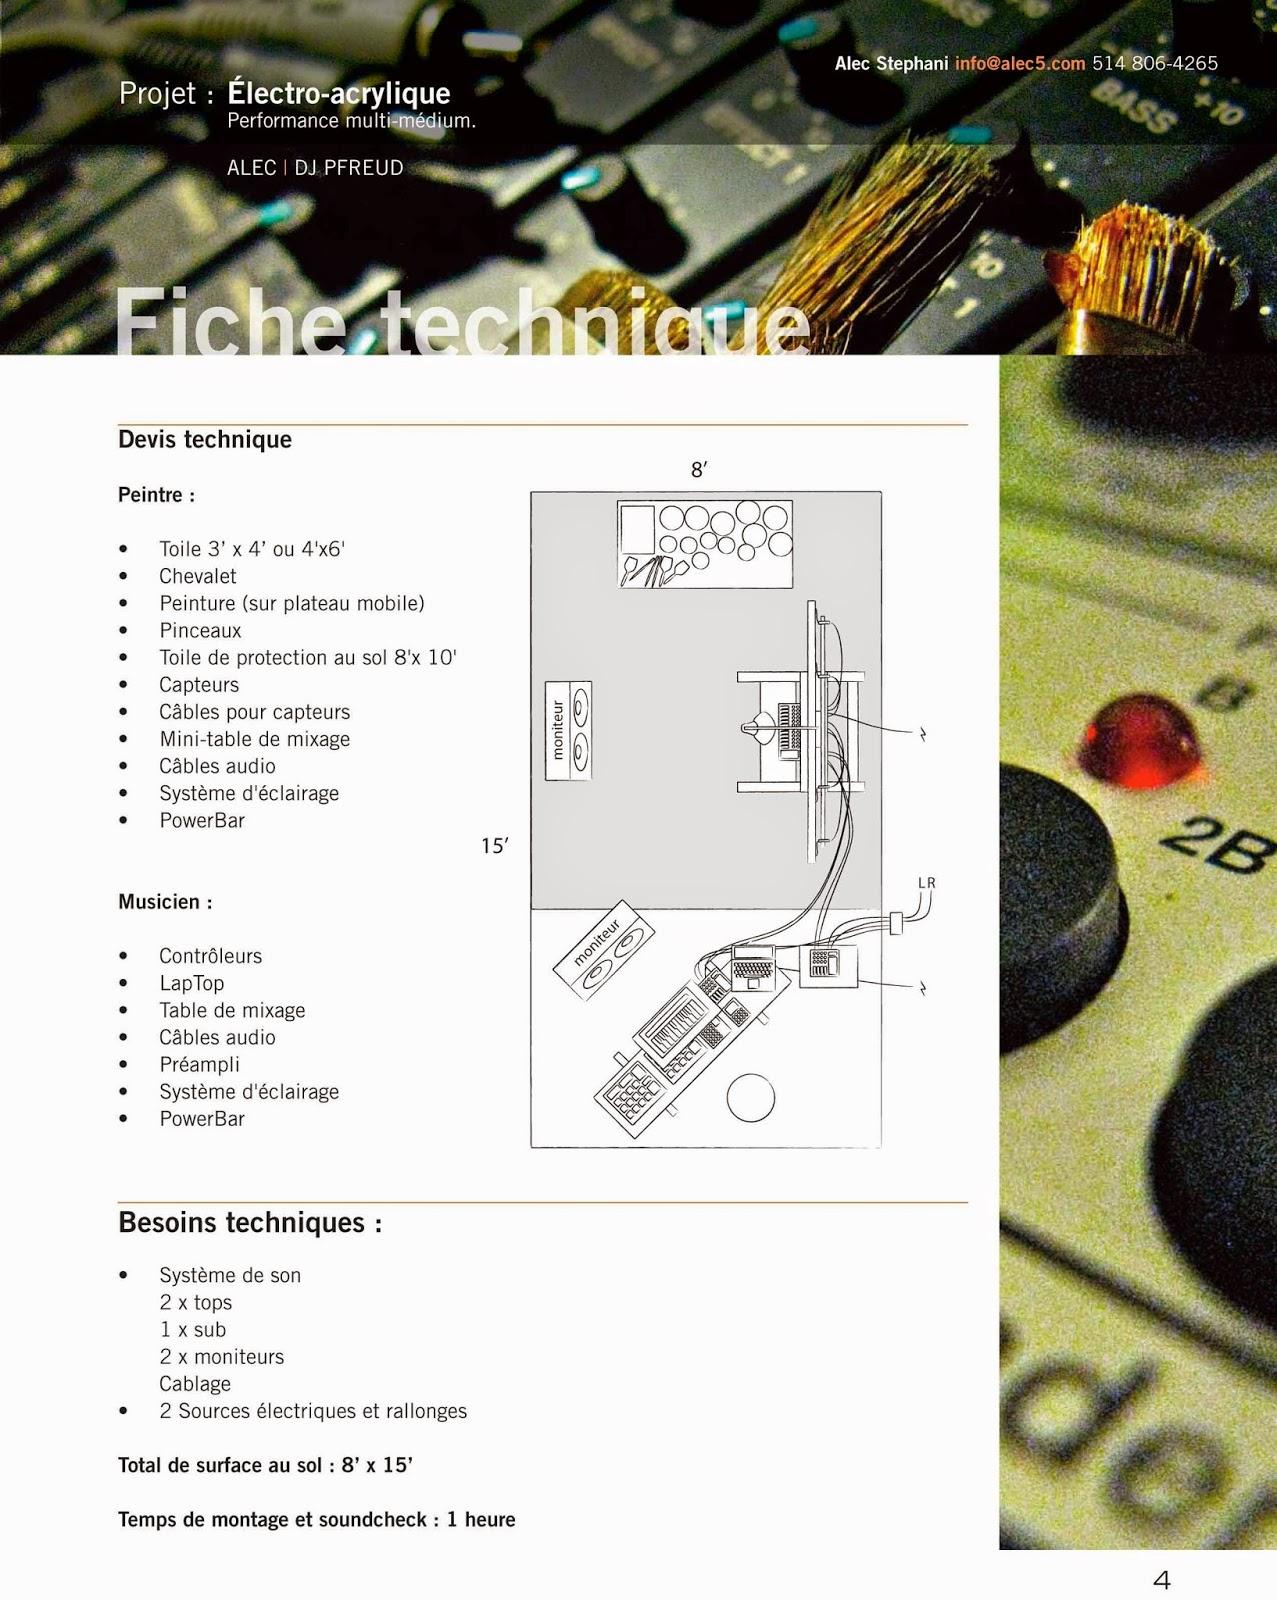 http://www.alec5.com/Projet-Electro-Acrylique-Technique.pdf